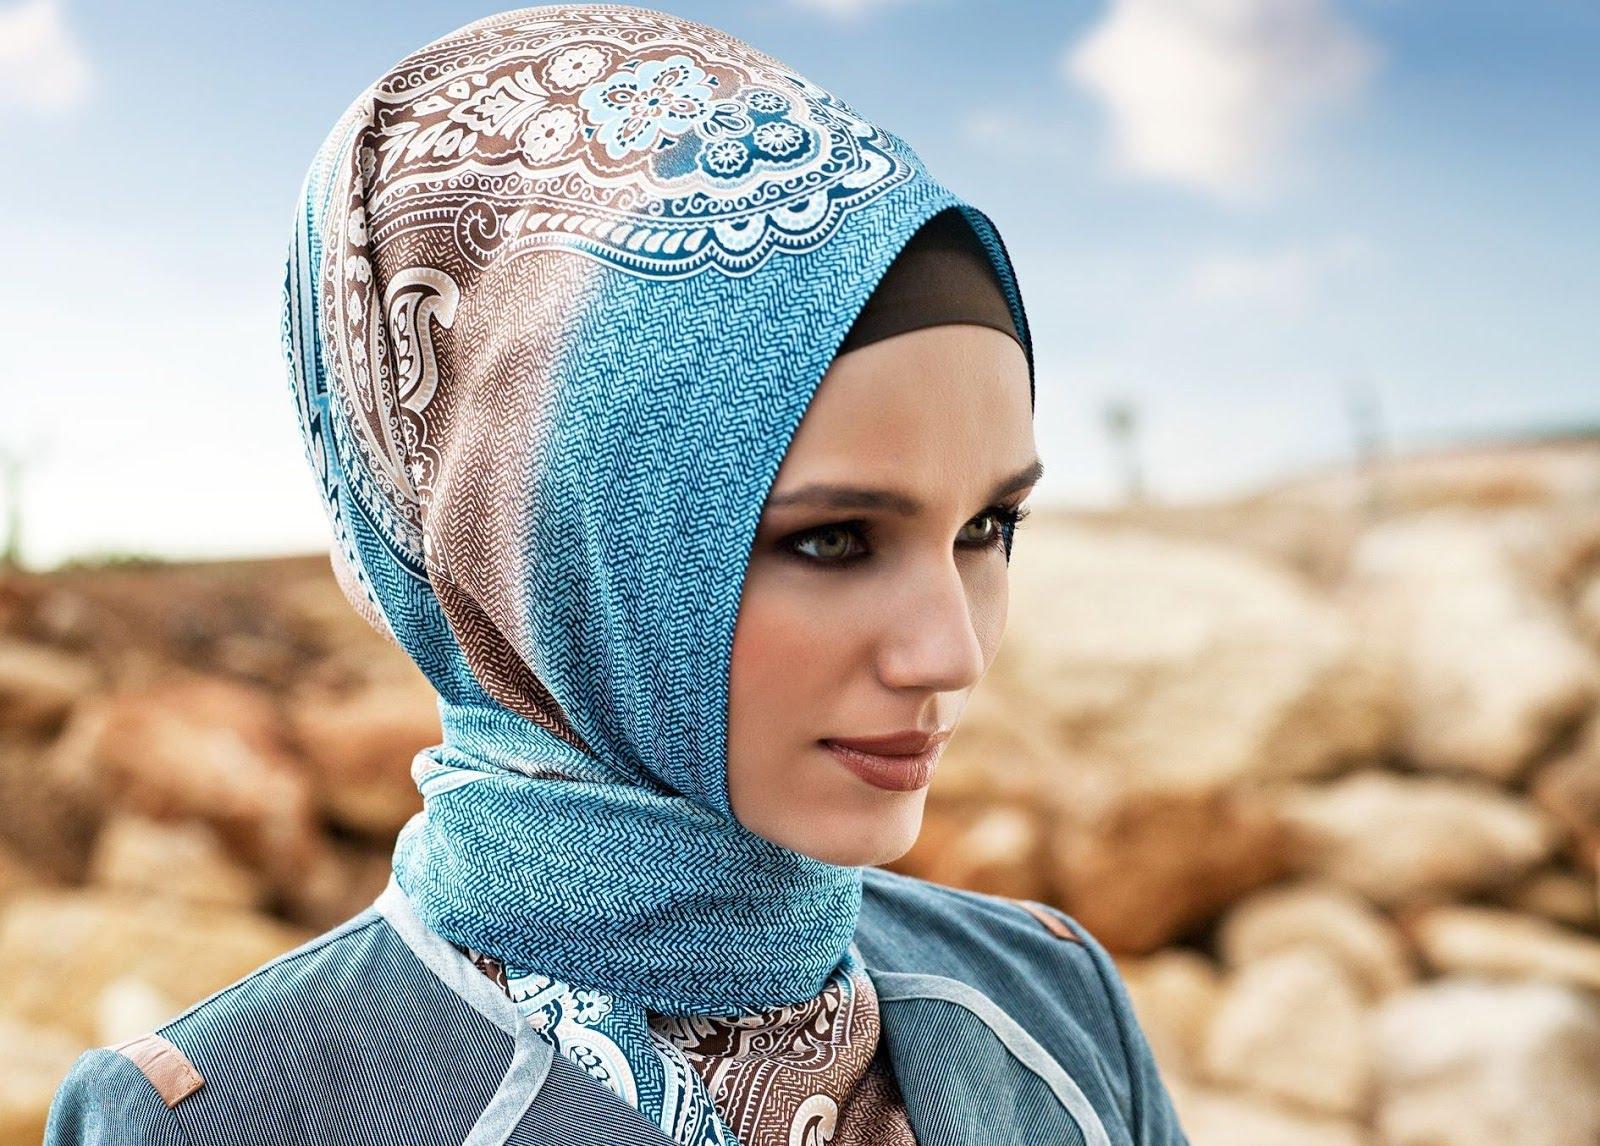 Gaya jilbab Turki adalah gaya terbaik untuk bentuk wajah ini 5cc78fc44d